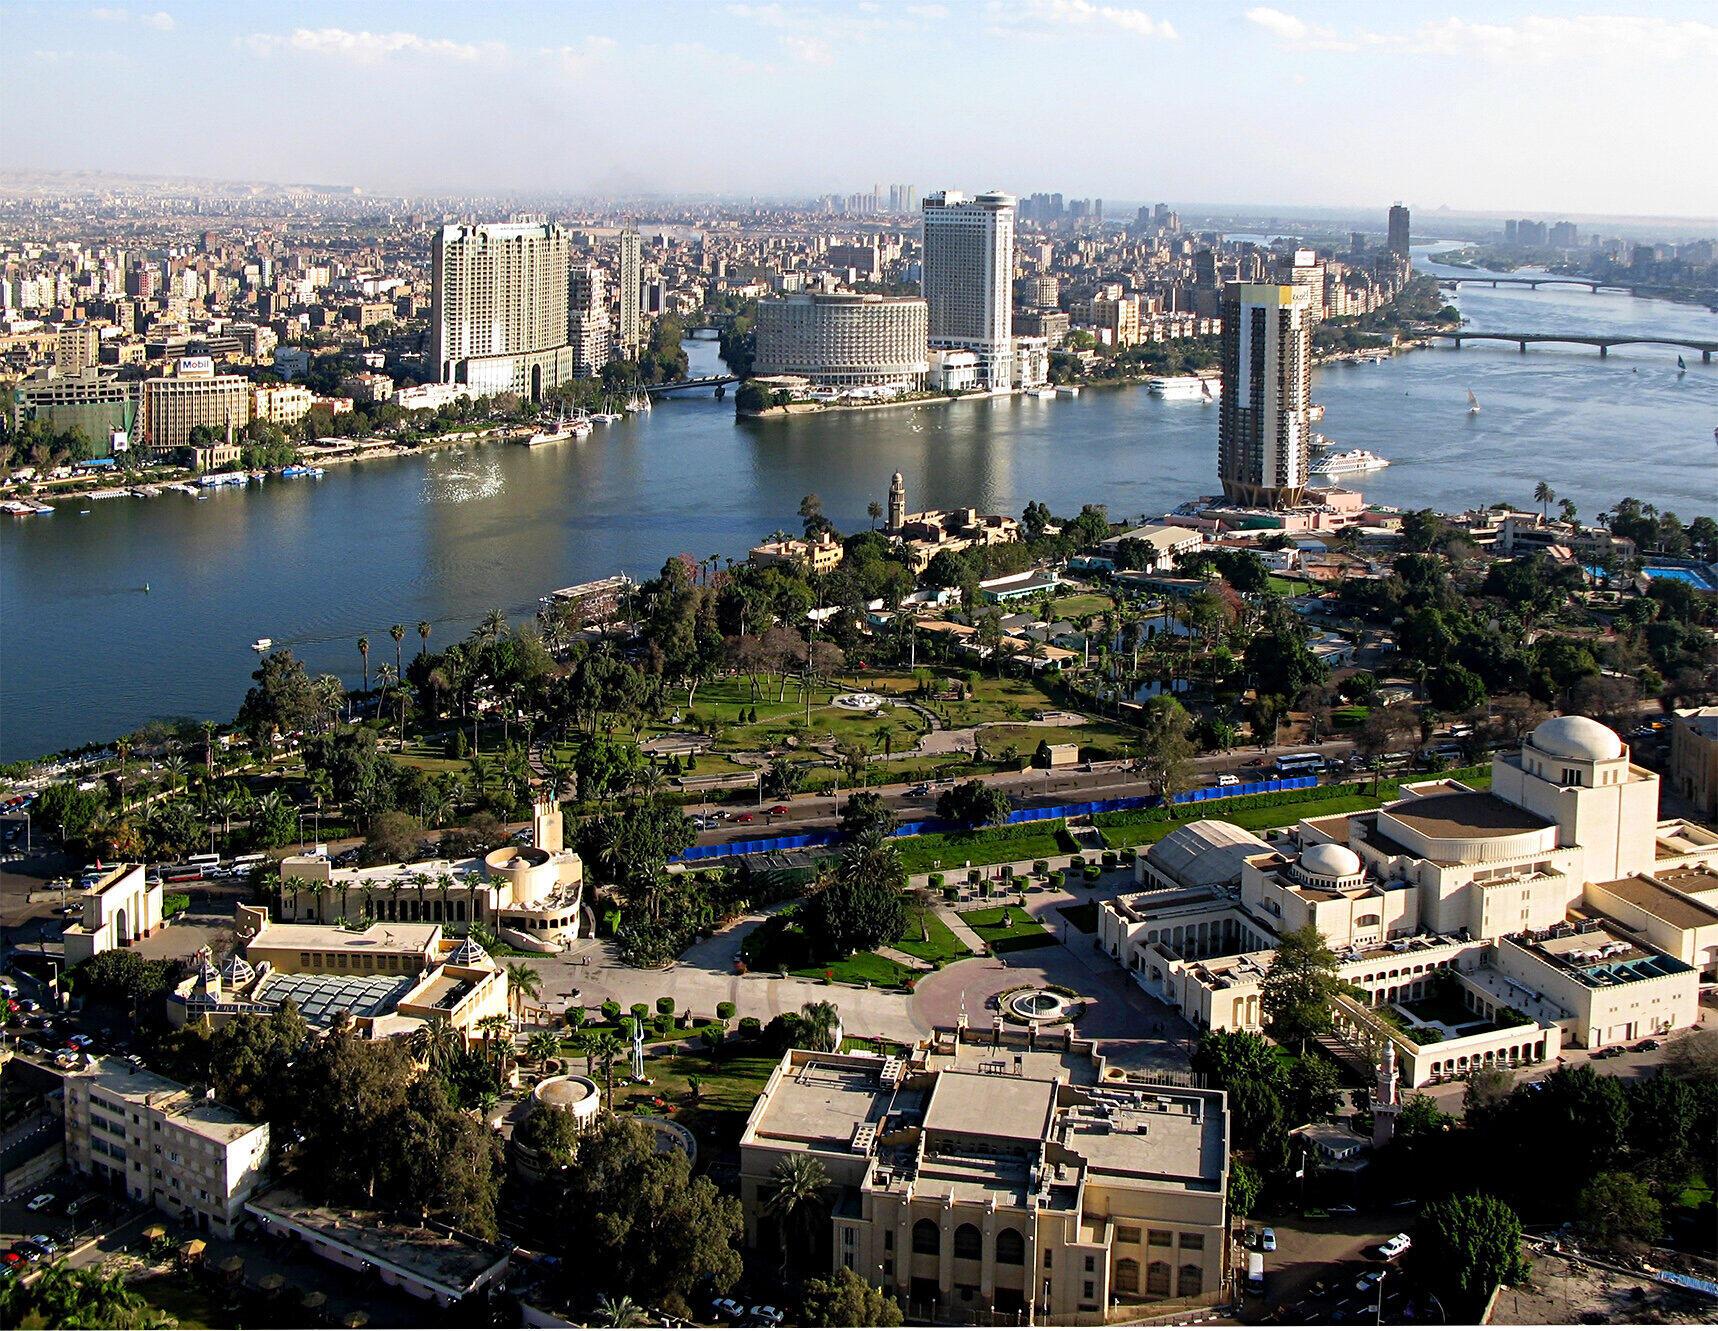 ラマダン明けに感染者急増し... エジプトが迎える苦境